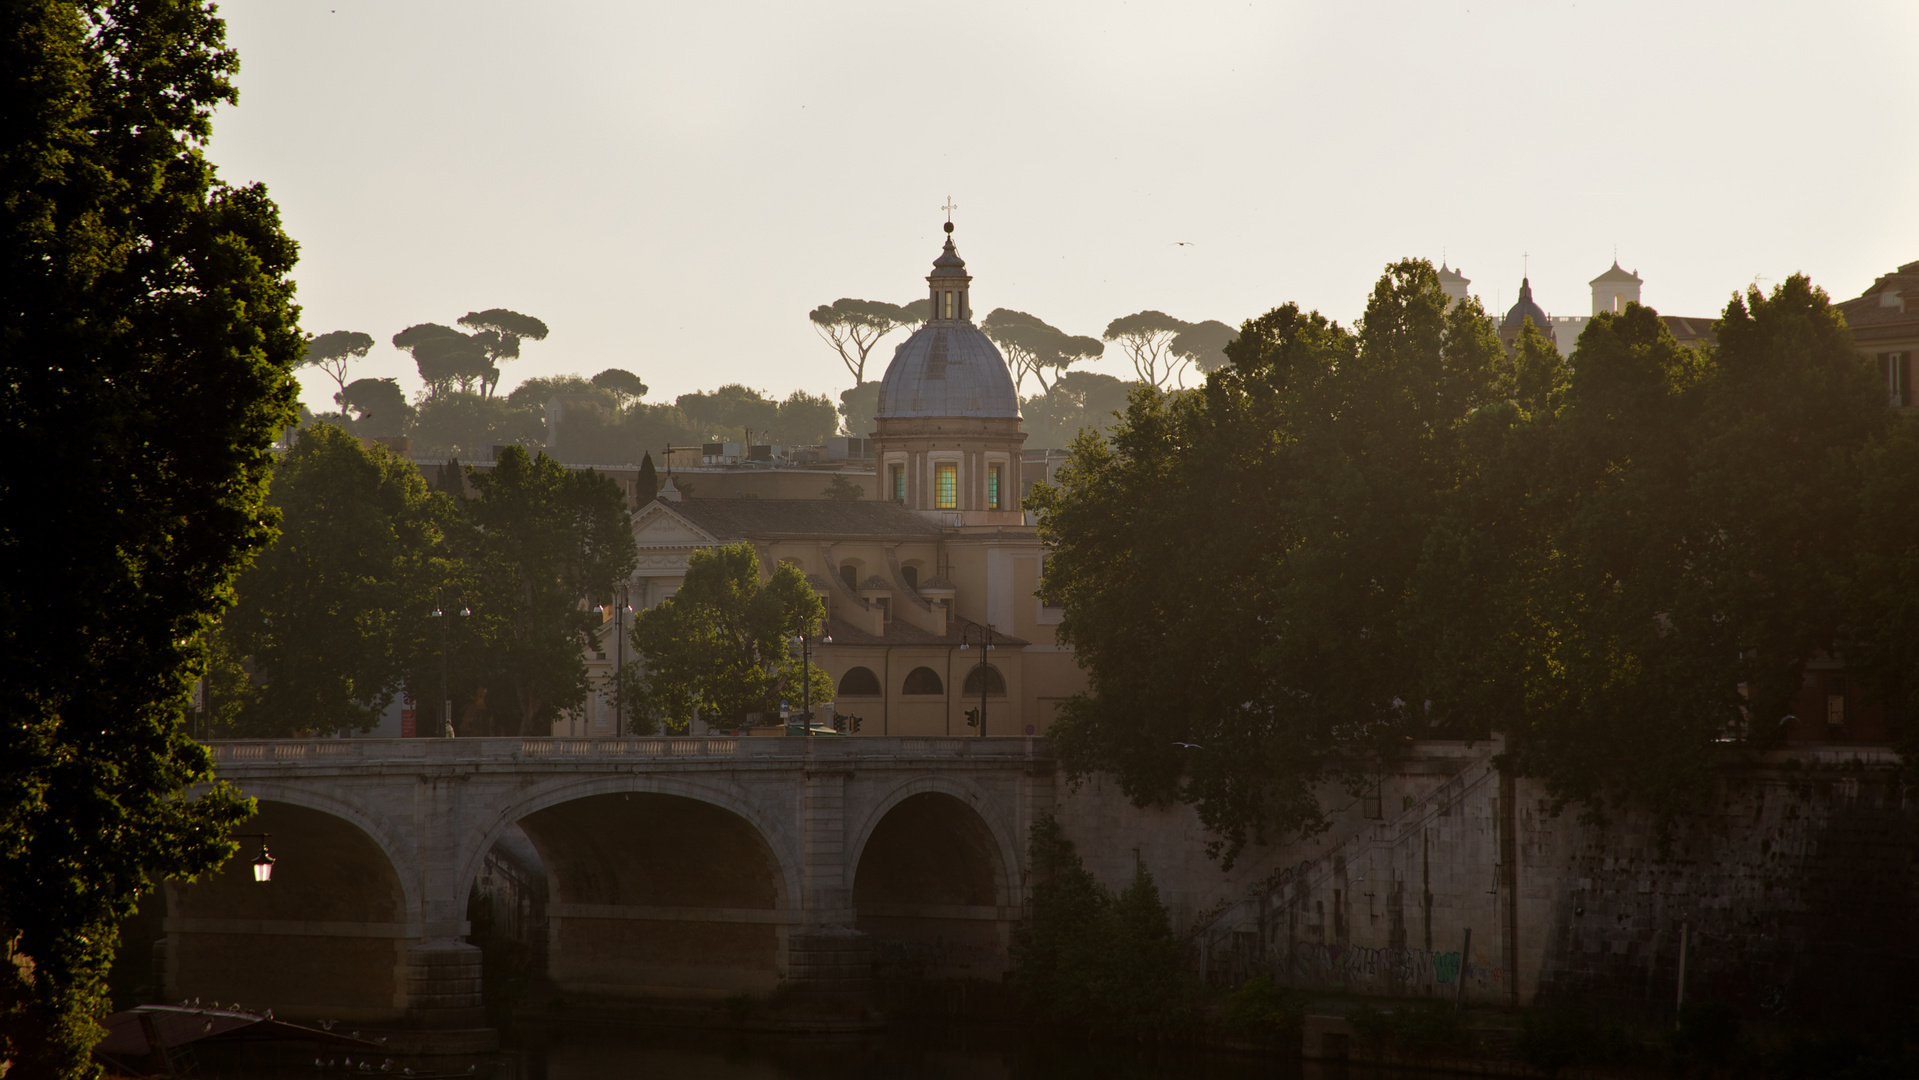 Tiber am Morgen